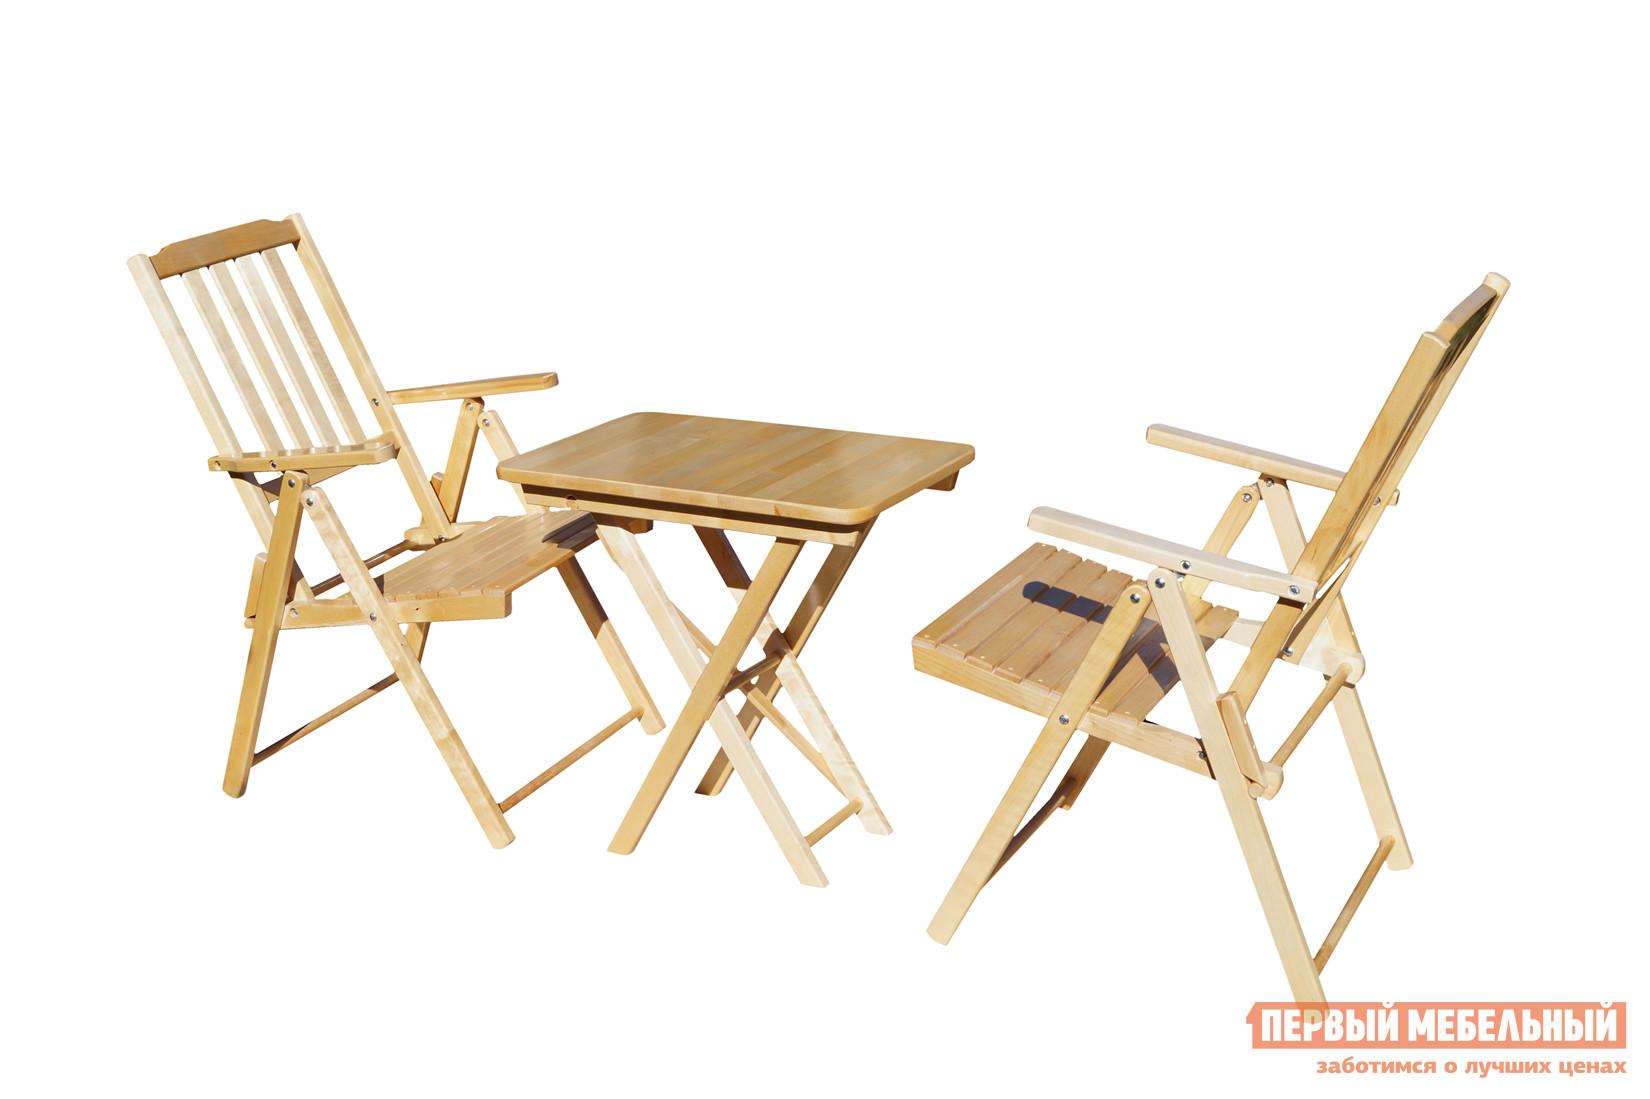 Комплект садовой мебели СМКА СМ011Б + СМ047Б БерезаКомплекты садовой мебели<br>Габаритные размеры ВхШхГ xx мм. Отдых на даче станет еще радостнее с комплектом складной мебели «Комилани-1».  В гарнитур включено три элемента, которые поставляются  в собранном виде.  А это значит, что сразу после доставки вы можете присесть на кресло и насладиться приемом пищи в компании с близким человеком.  В комплекте два кресла с подлокотниками и удобный стол (ВхШхГ): 750 х 600 х 450 мм. Мебель изготавливается из прочного и красивого материала — массива березы, и покрывается лаком для защиты от атмосферных воздействий. В сложенном виде комплект занимает совсем немного места, что позволяет легко его транспортировать или хранить в шкафу.<br><br>Цвет: Светлое дерево<br>Кол-во упаковок: 3<br>Форма поставки: В собранном виде<br>Срок гарантии: 1 год<br>Тип: С обеденным столом<br>Тип: Со стульями<br>Материал: Массив дерева<br>Порода дерева: Береза<br>Вместимость: На 2 персоны<br>С подлокотниками: Да